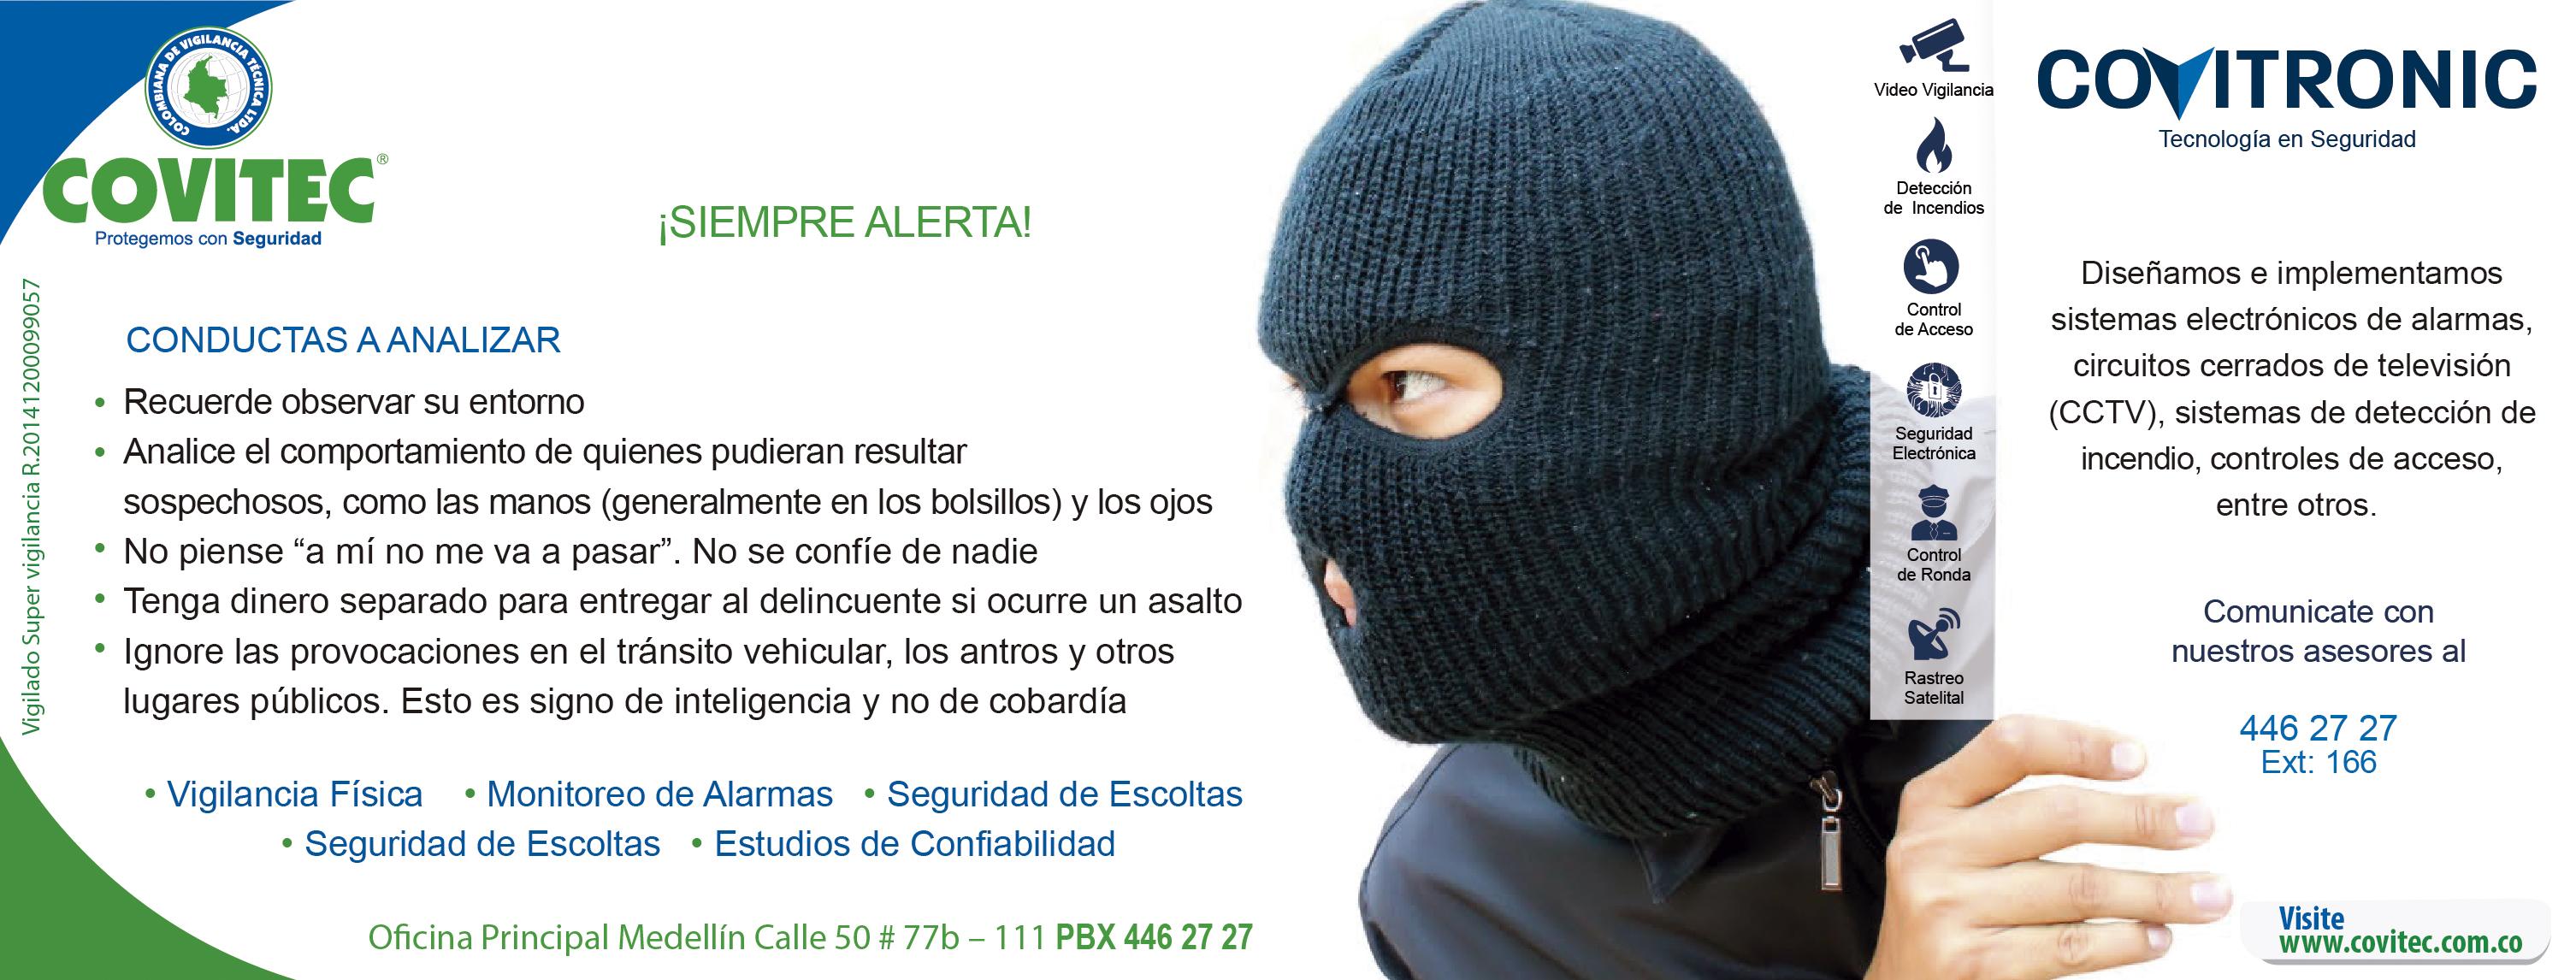 Tips Seguridad